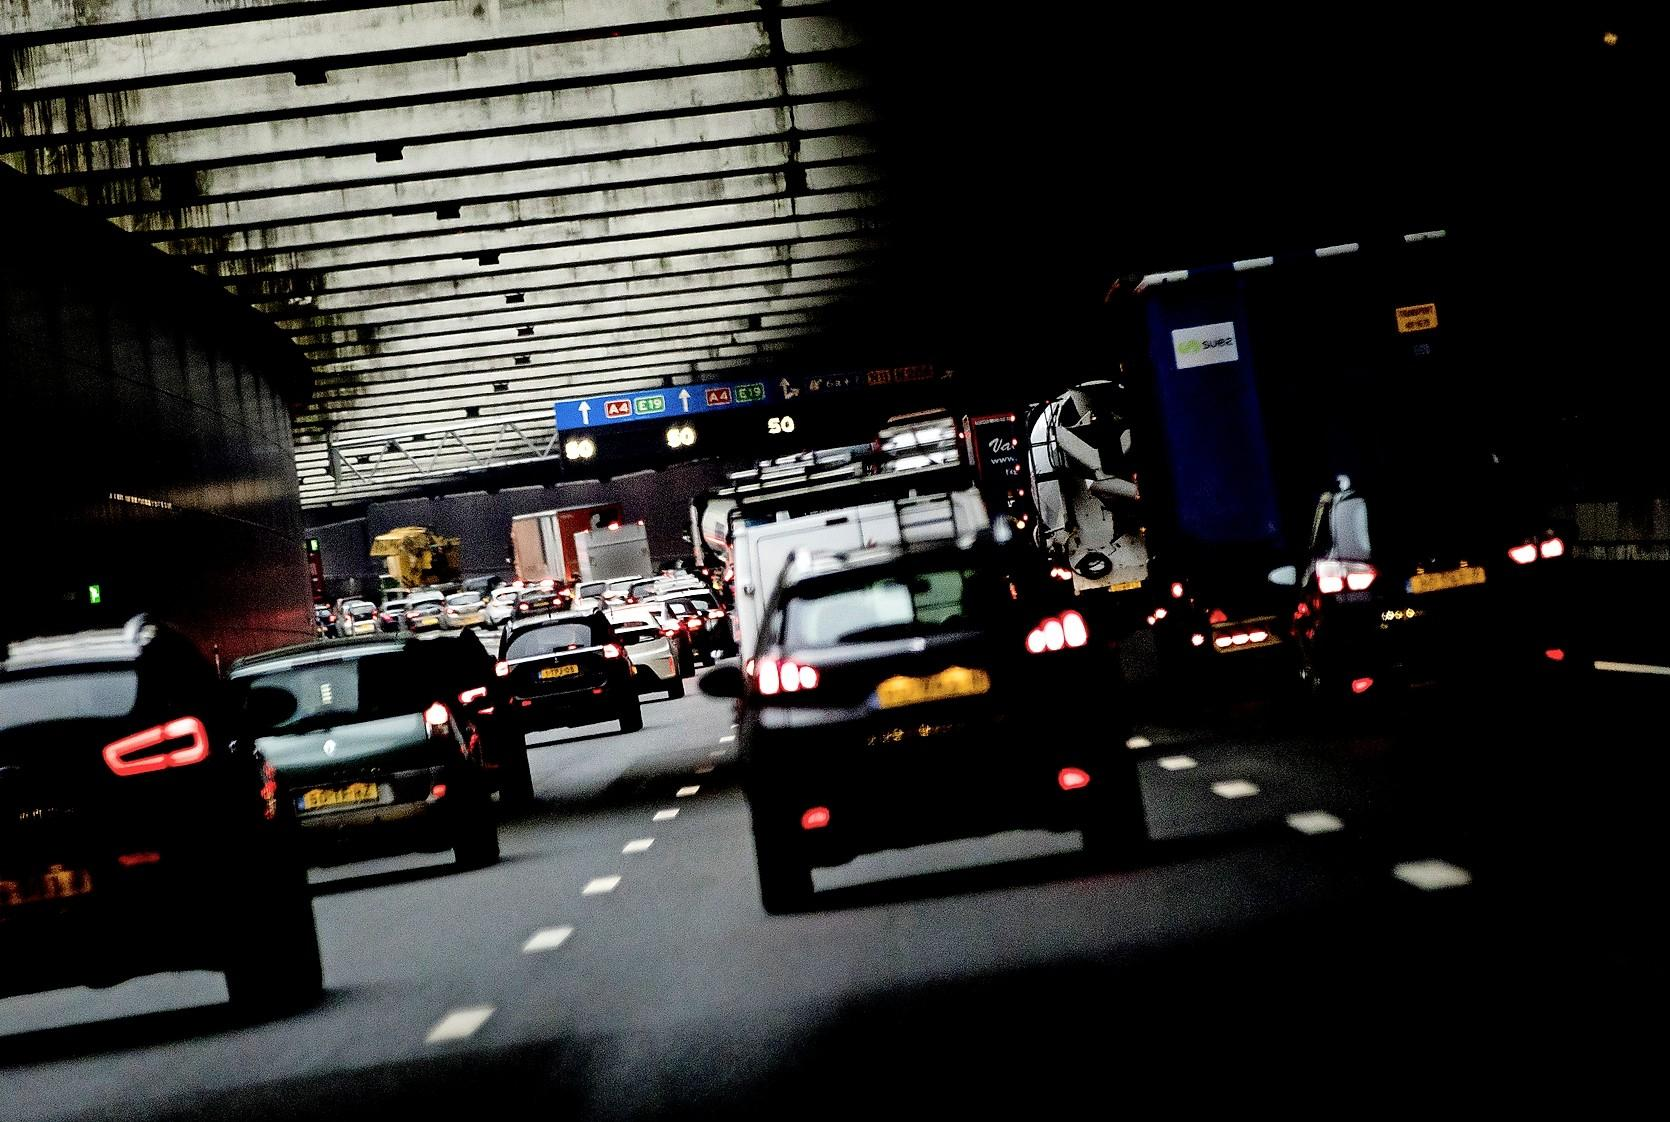 De spitsfile is weg bij Leiden, Amsterdam en Utrecht, Haarlem is de drukste stad